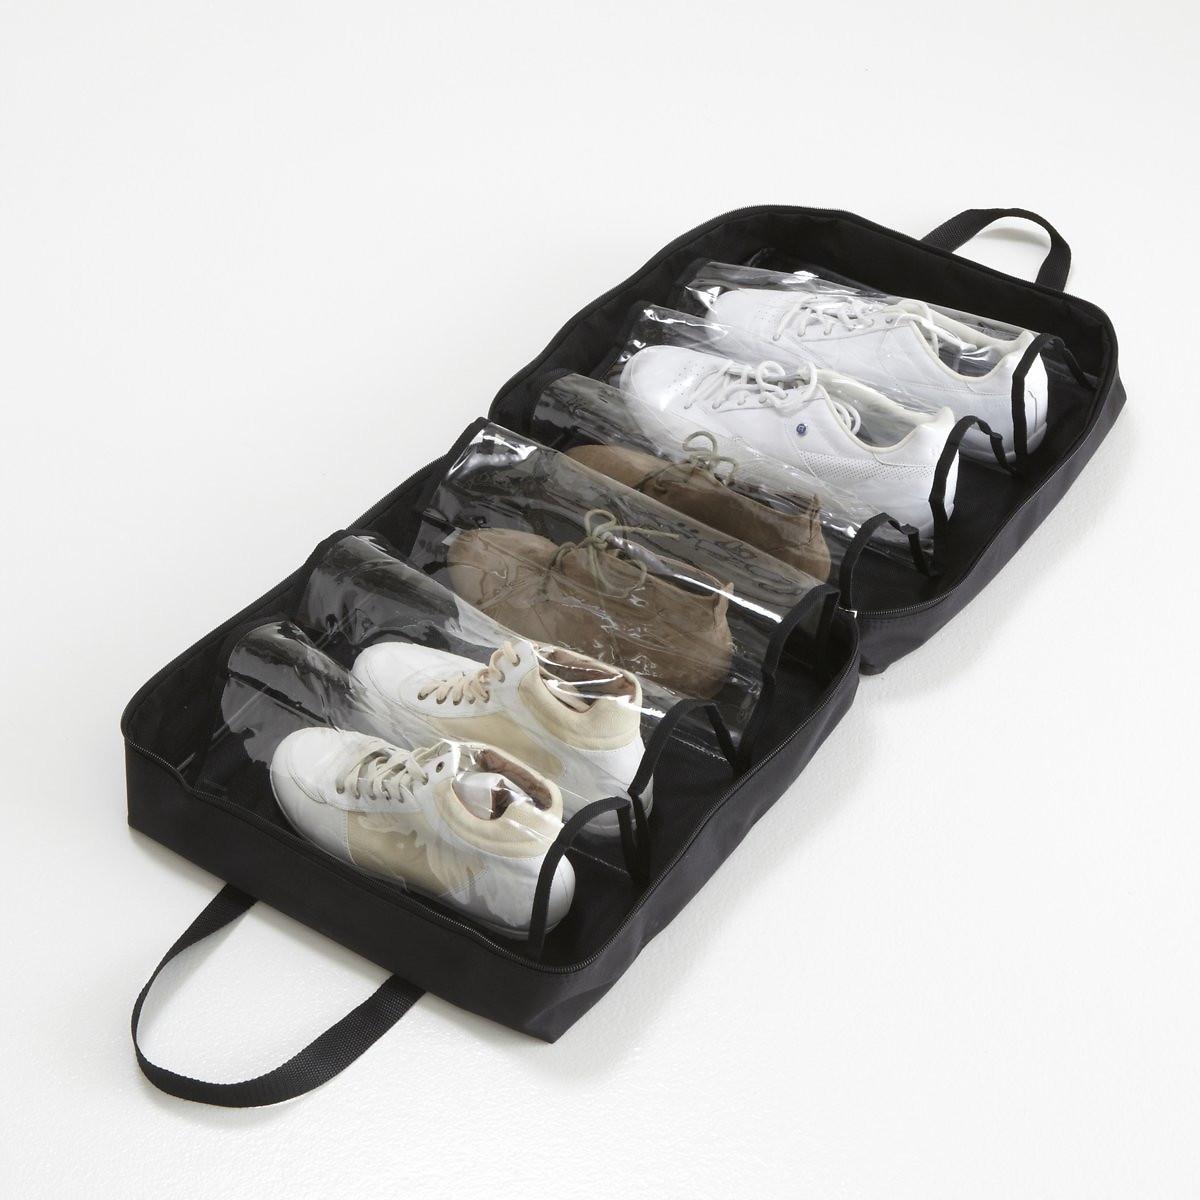 Сумка LaRedoute Для обуви LA REDOUTE единый размер черный 3 настенных la redoute вешалки с крючками agama единый размер белый